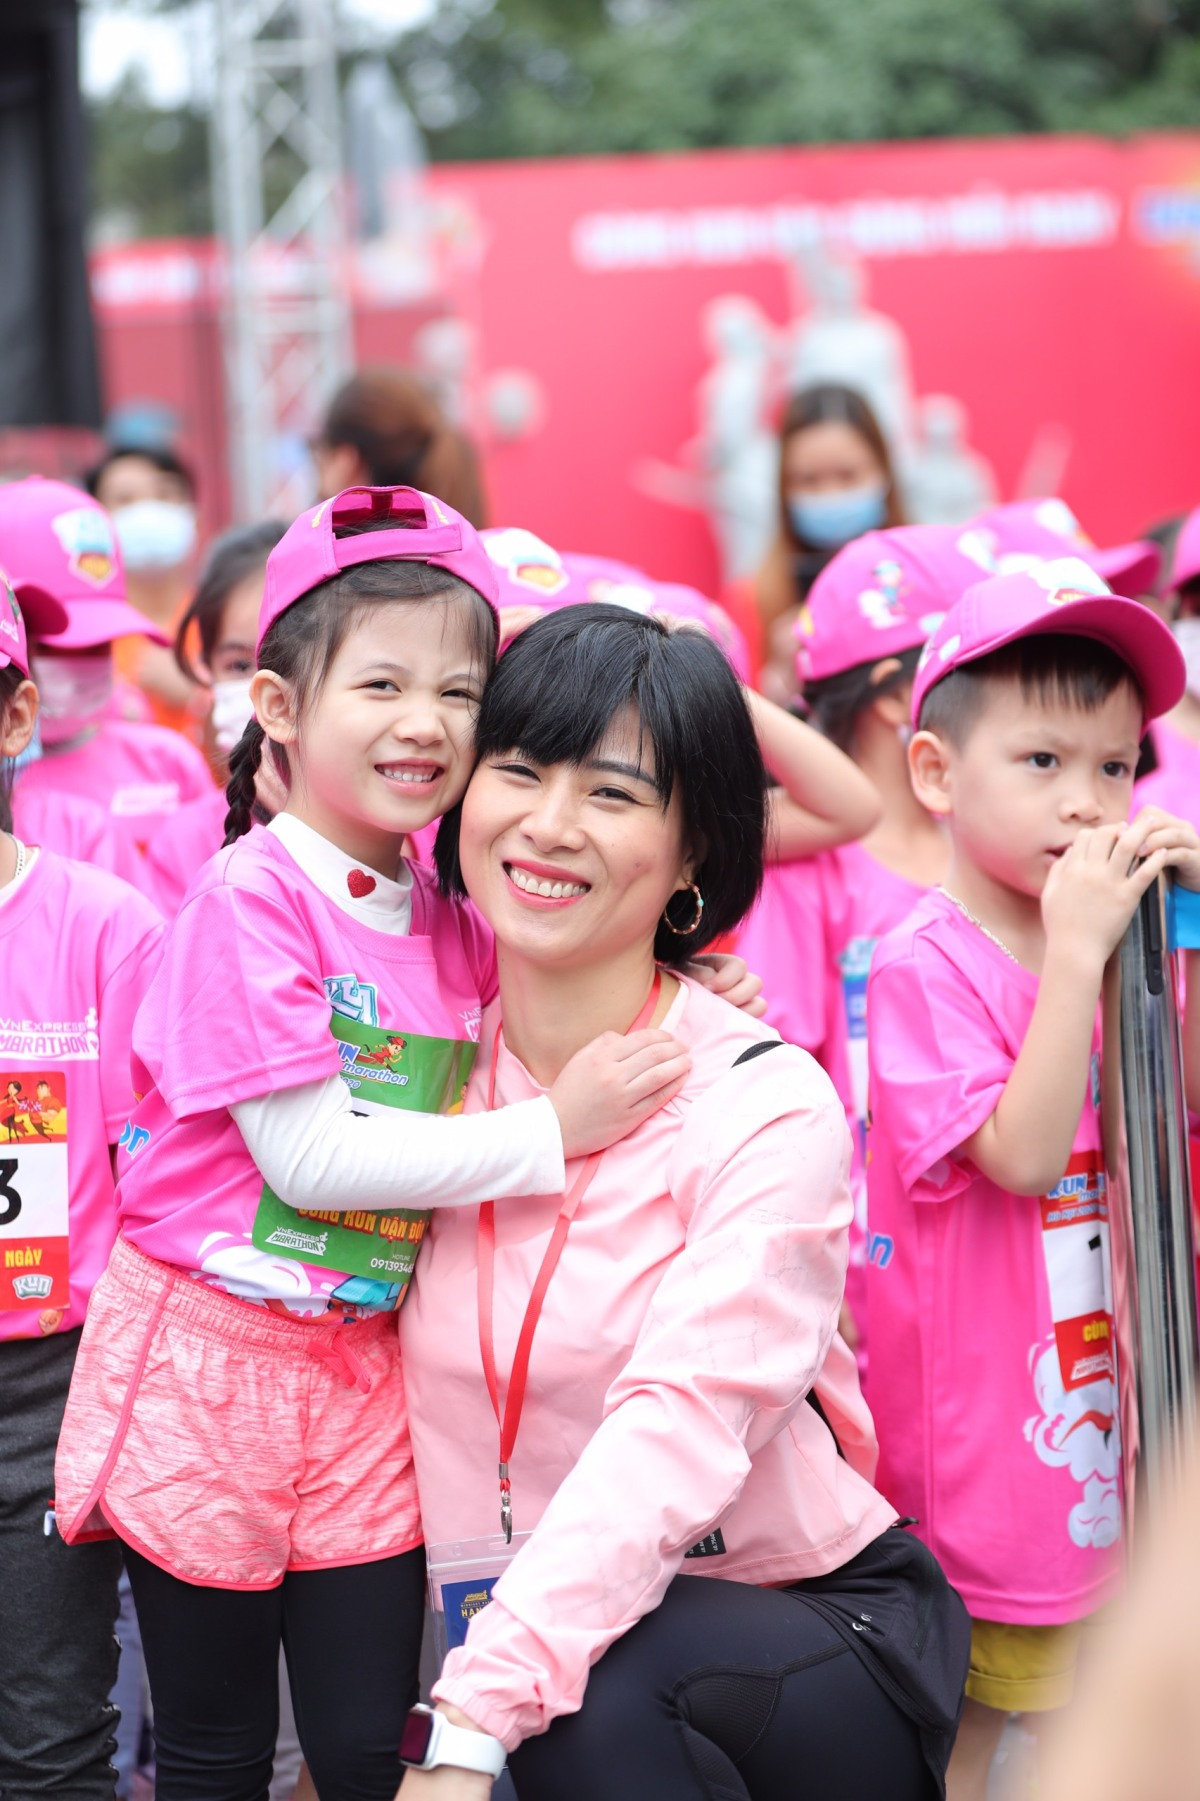 Khoảnh khắc runner nhí chinh phục đường chạy Kun Marathon Hanoi 2020